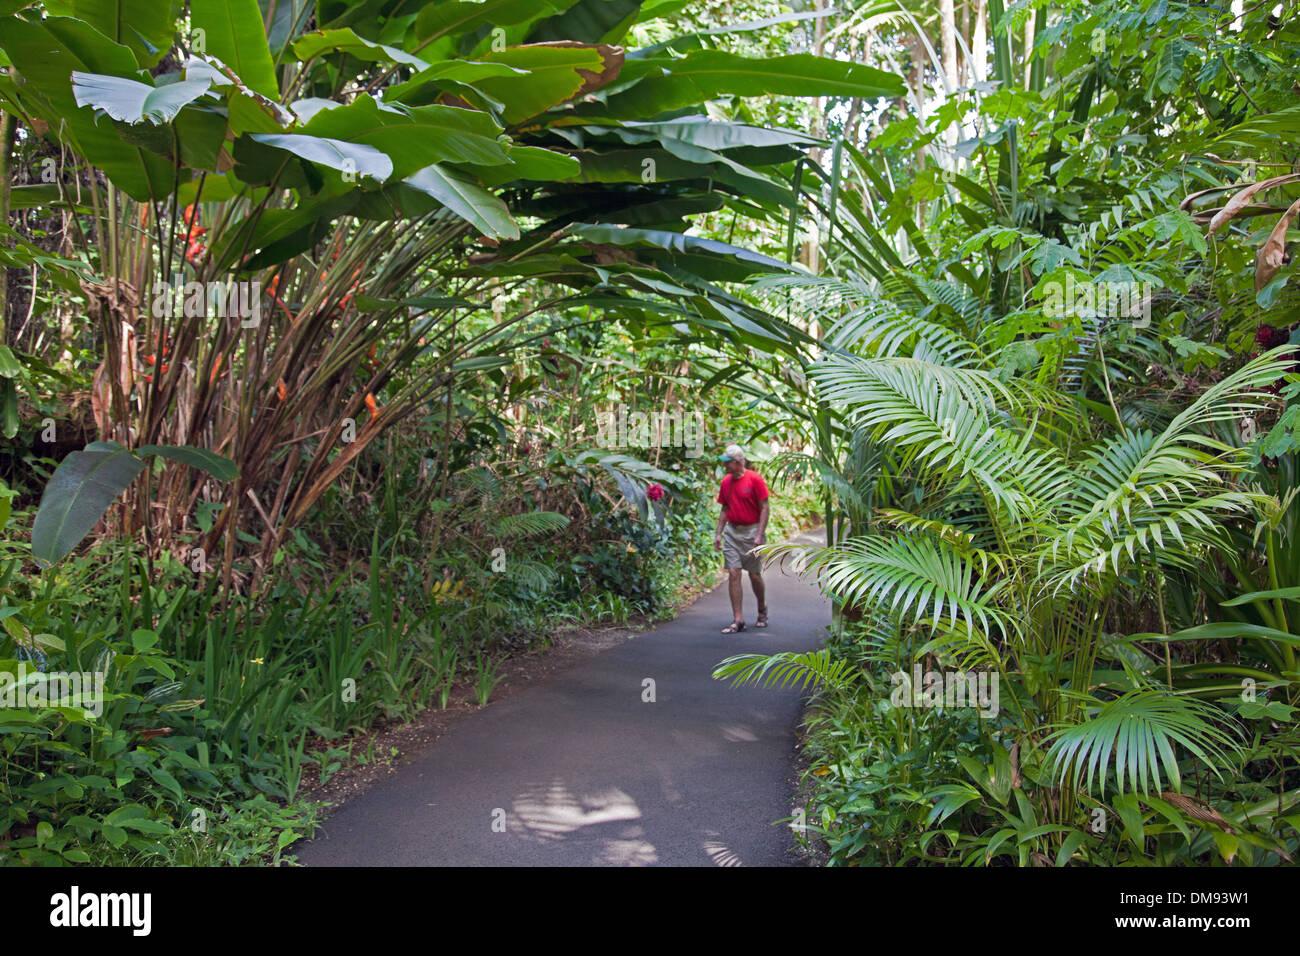 Hawaii Tropical Botanical Garden est une réserve naturelle de 37 acres et sanctuaire à Onomea Bay, au nord de Hilo. Banque D'Images